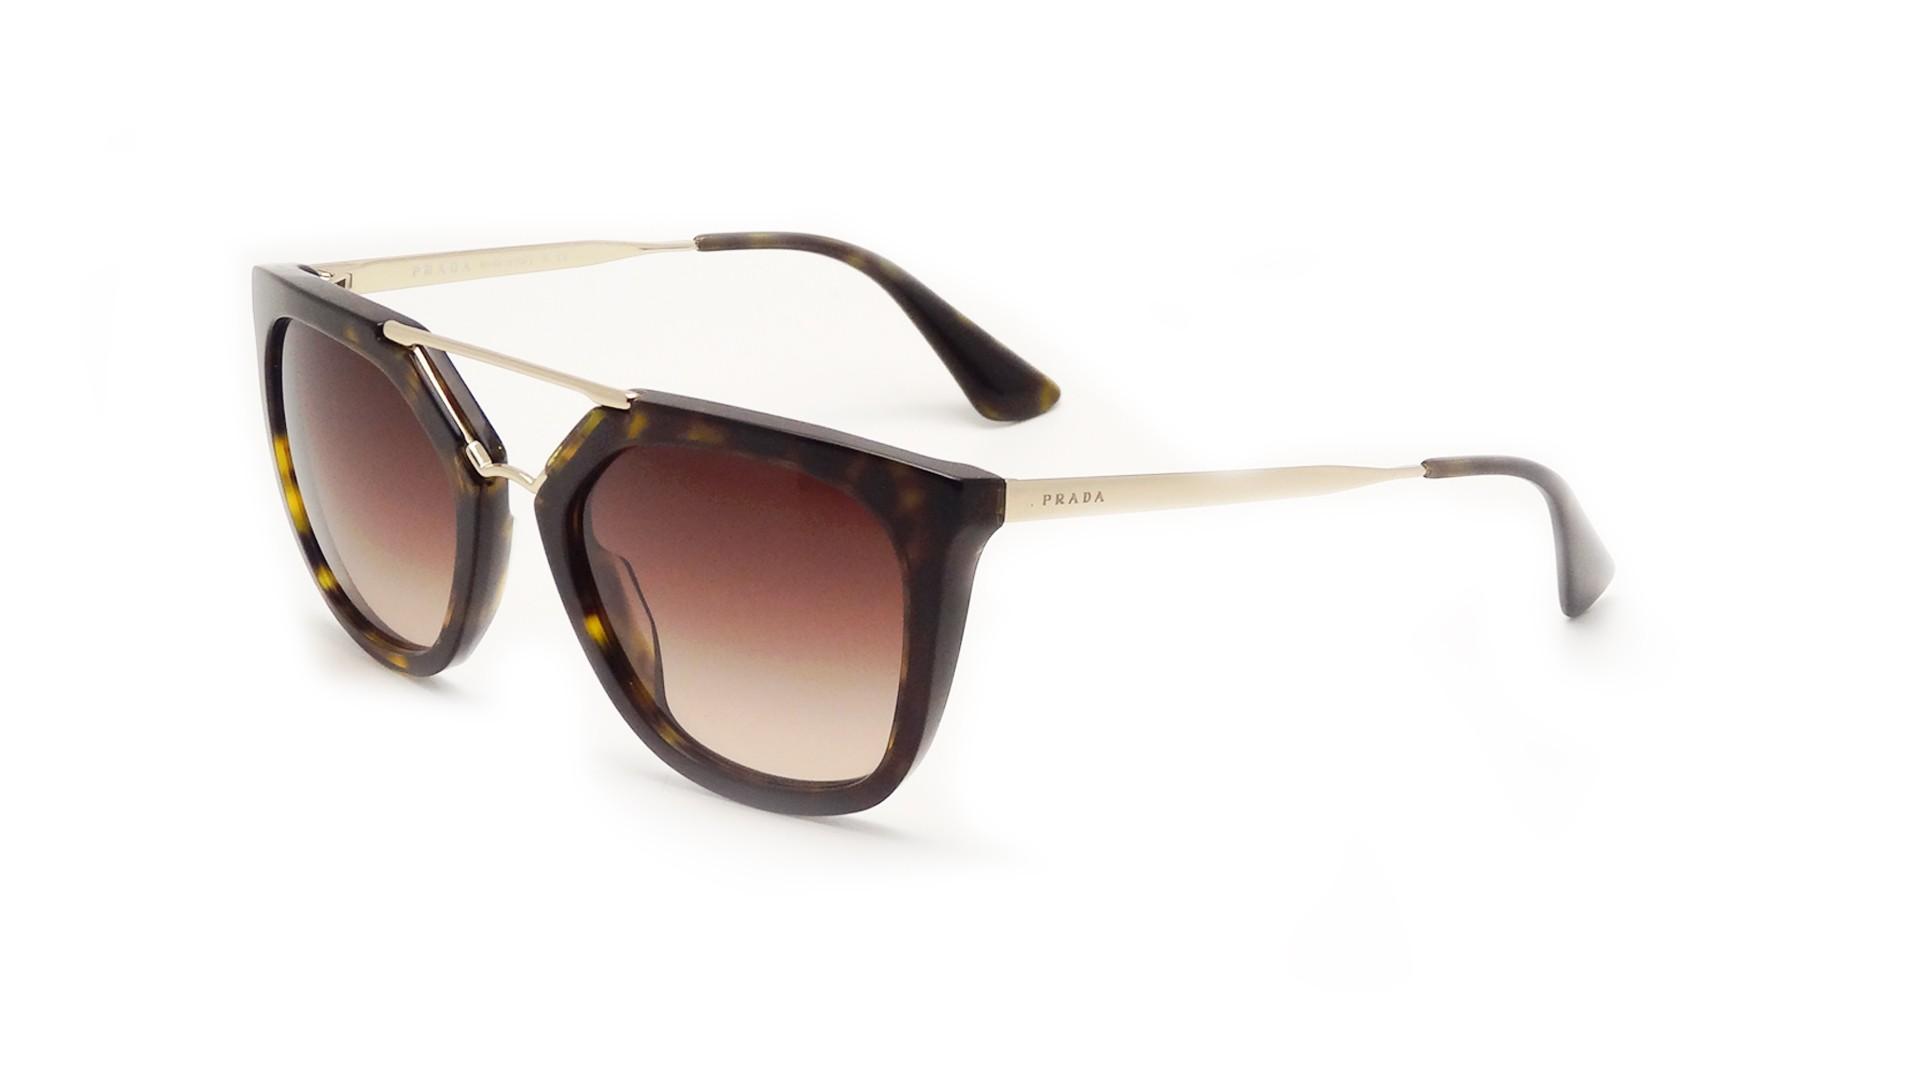 Sunglasses Prada Cinema Tortoise PR13QS 2AU-6S1 54-20 Medium Gradient 33f087944cdd